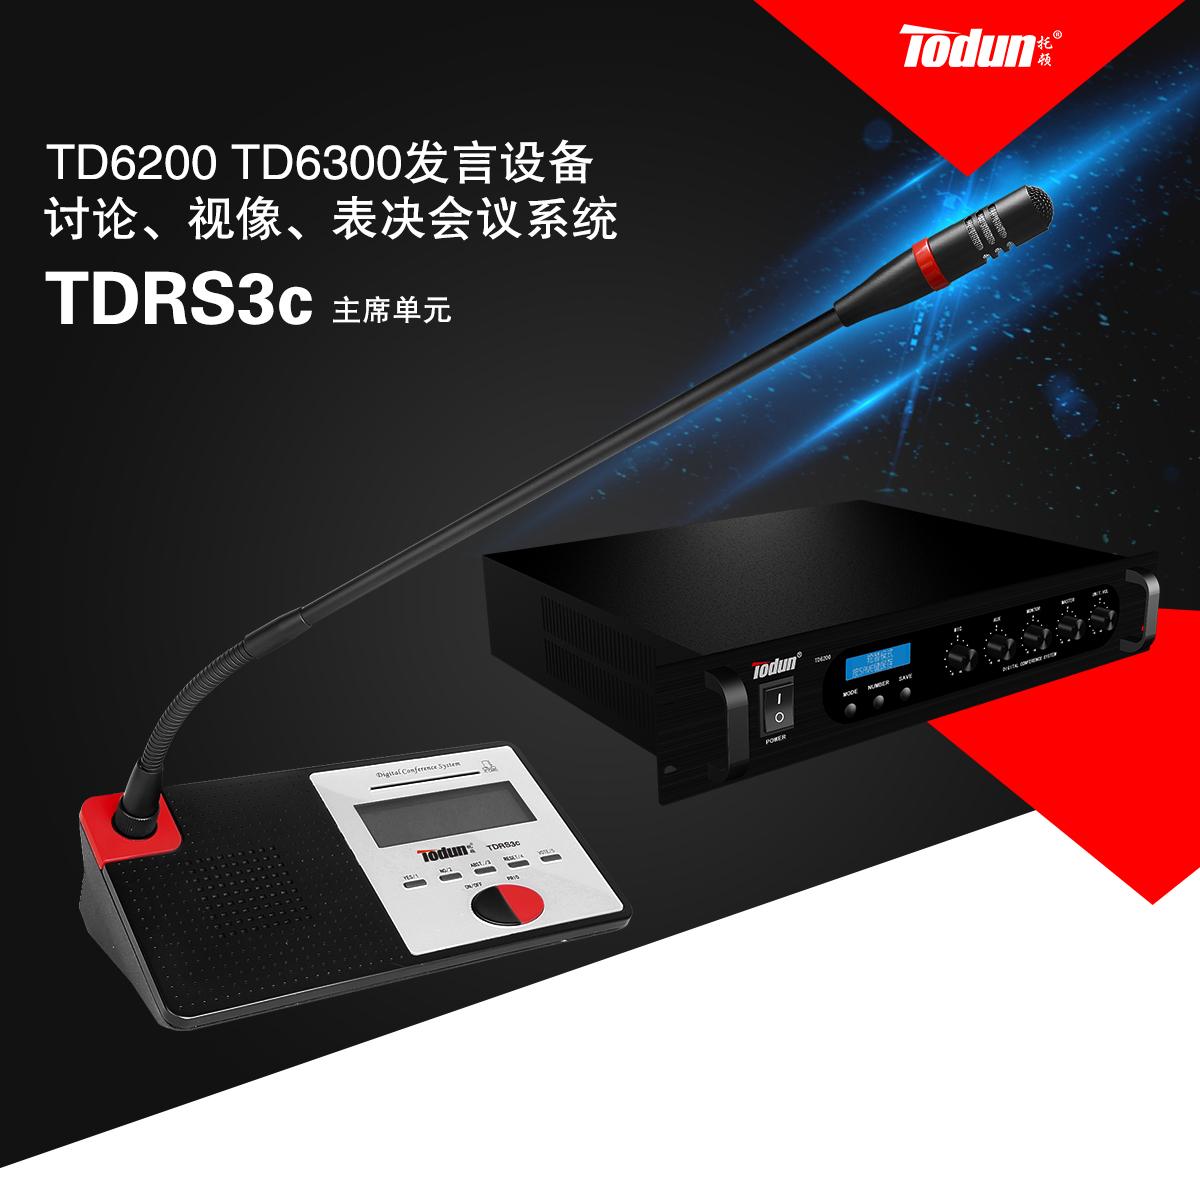 交通局指挥中心-讨论视频表决会议系统TD6300列席单元话筒设备TDRS3